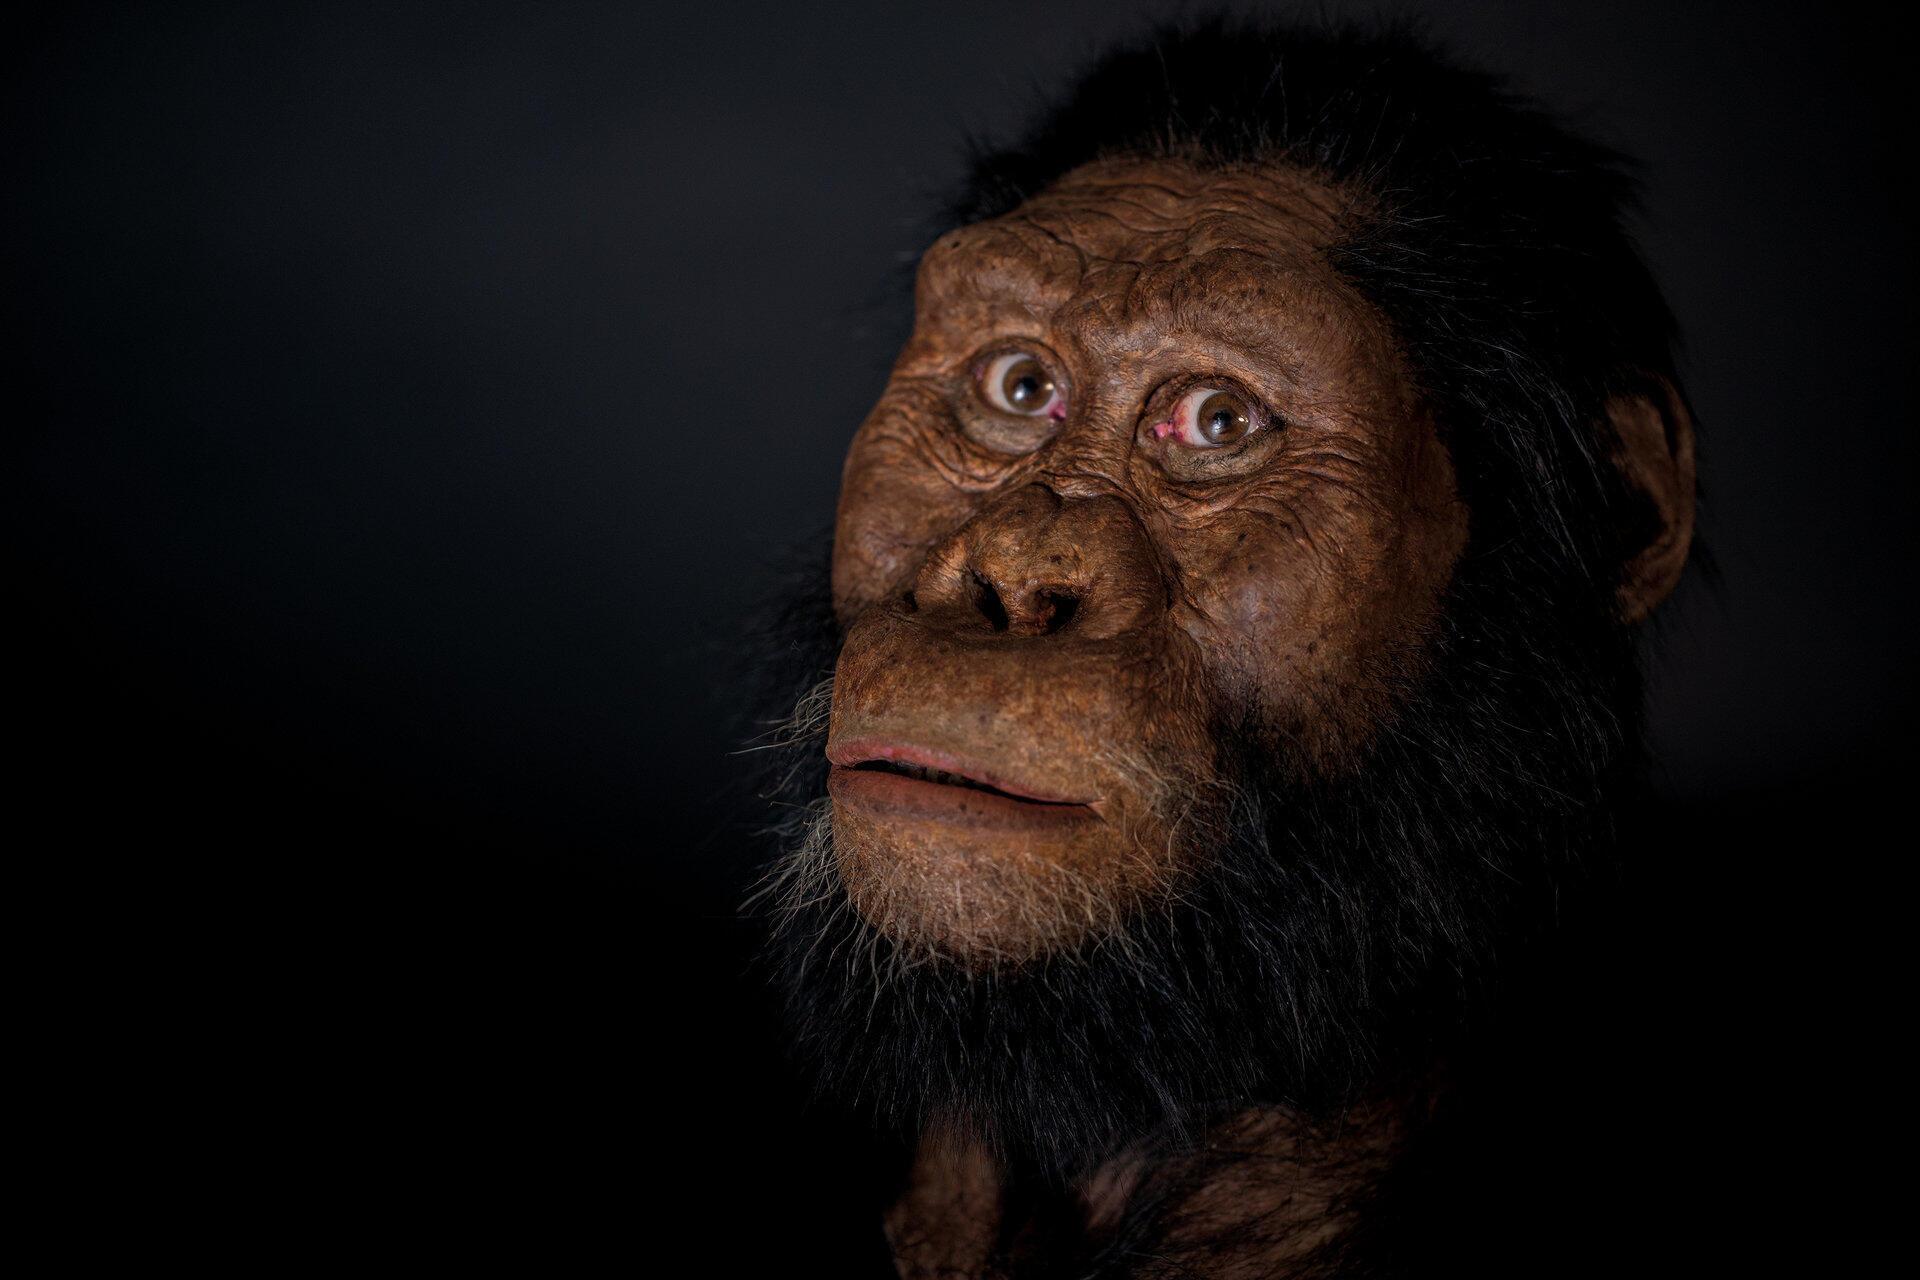 Reconstitution du visage d'un Australopithèque «anamensis» par le Muséum d'histoire naturelle de Cleveland, grâce à la découverte d'un crâne datant de 3,8 millions d'années en Éthiopie.